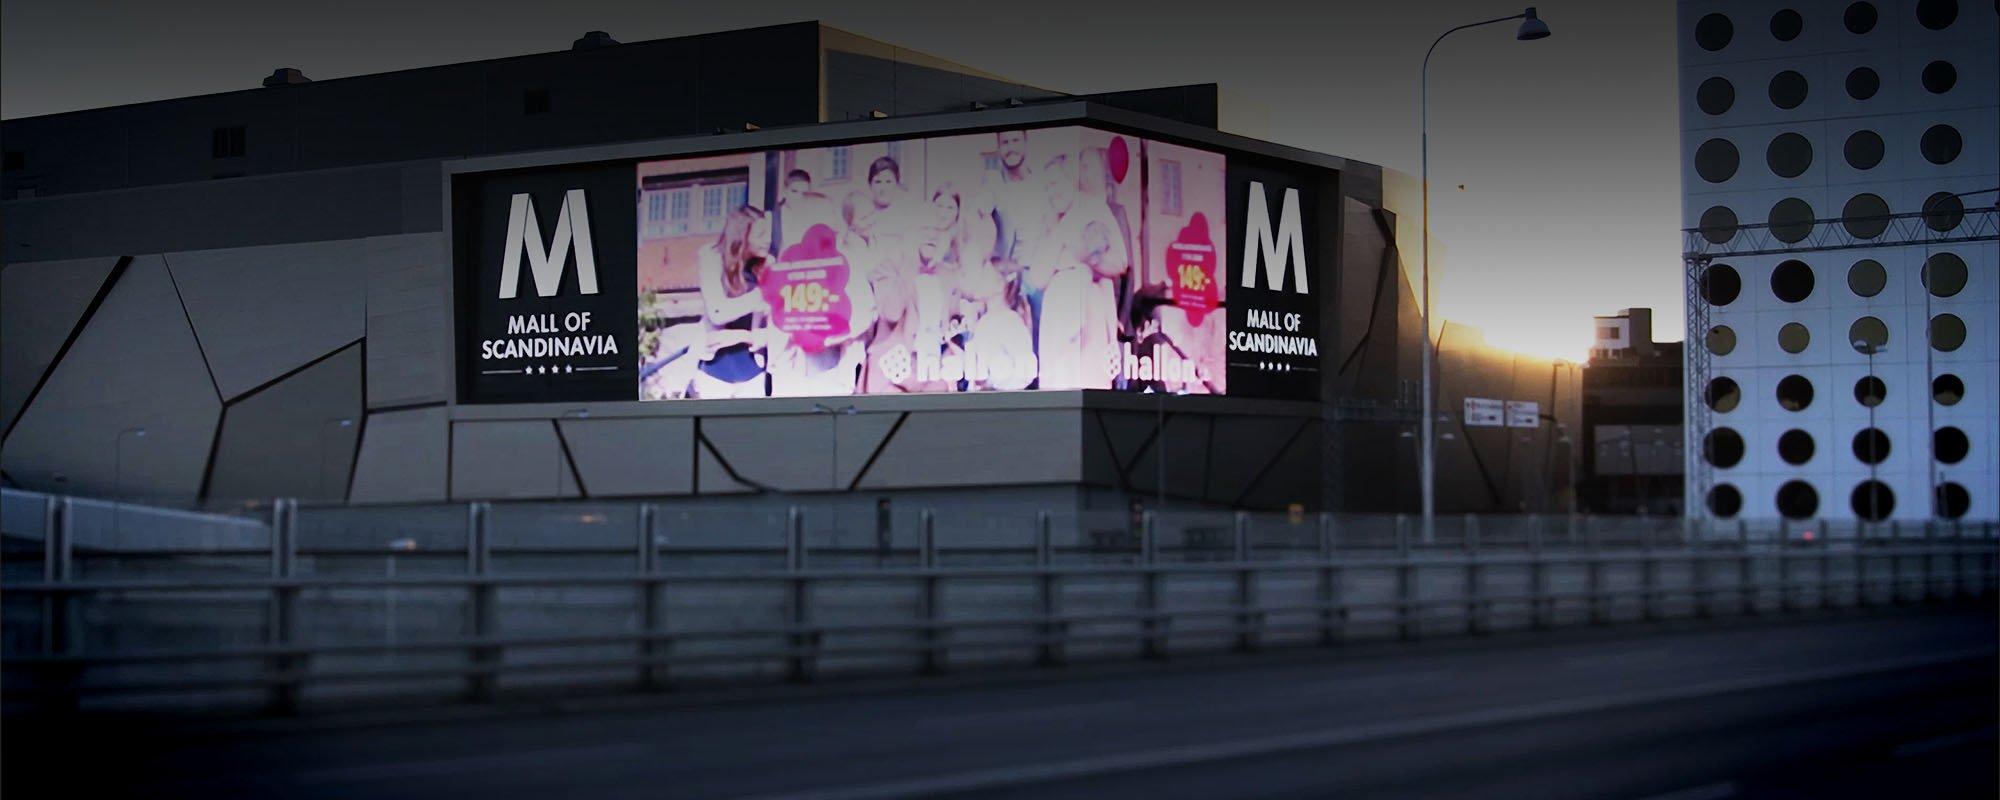 Tillverkare av skyltar i Stockholms köpcentrum| FocusNeo